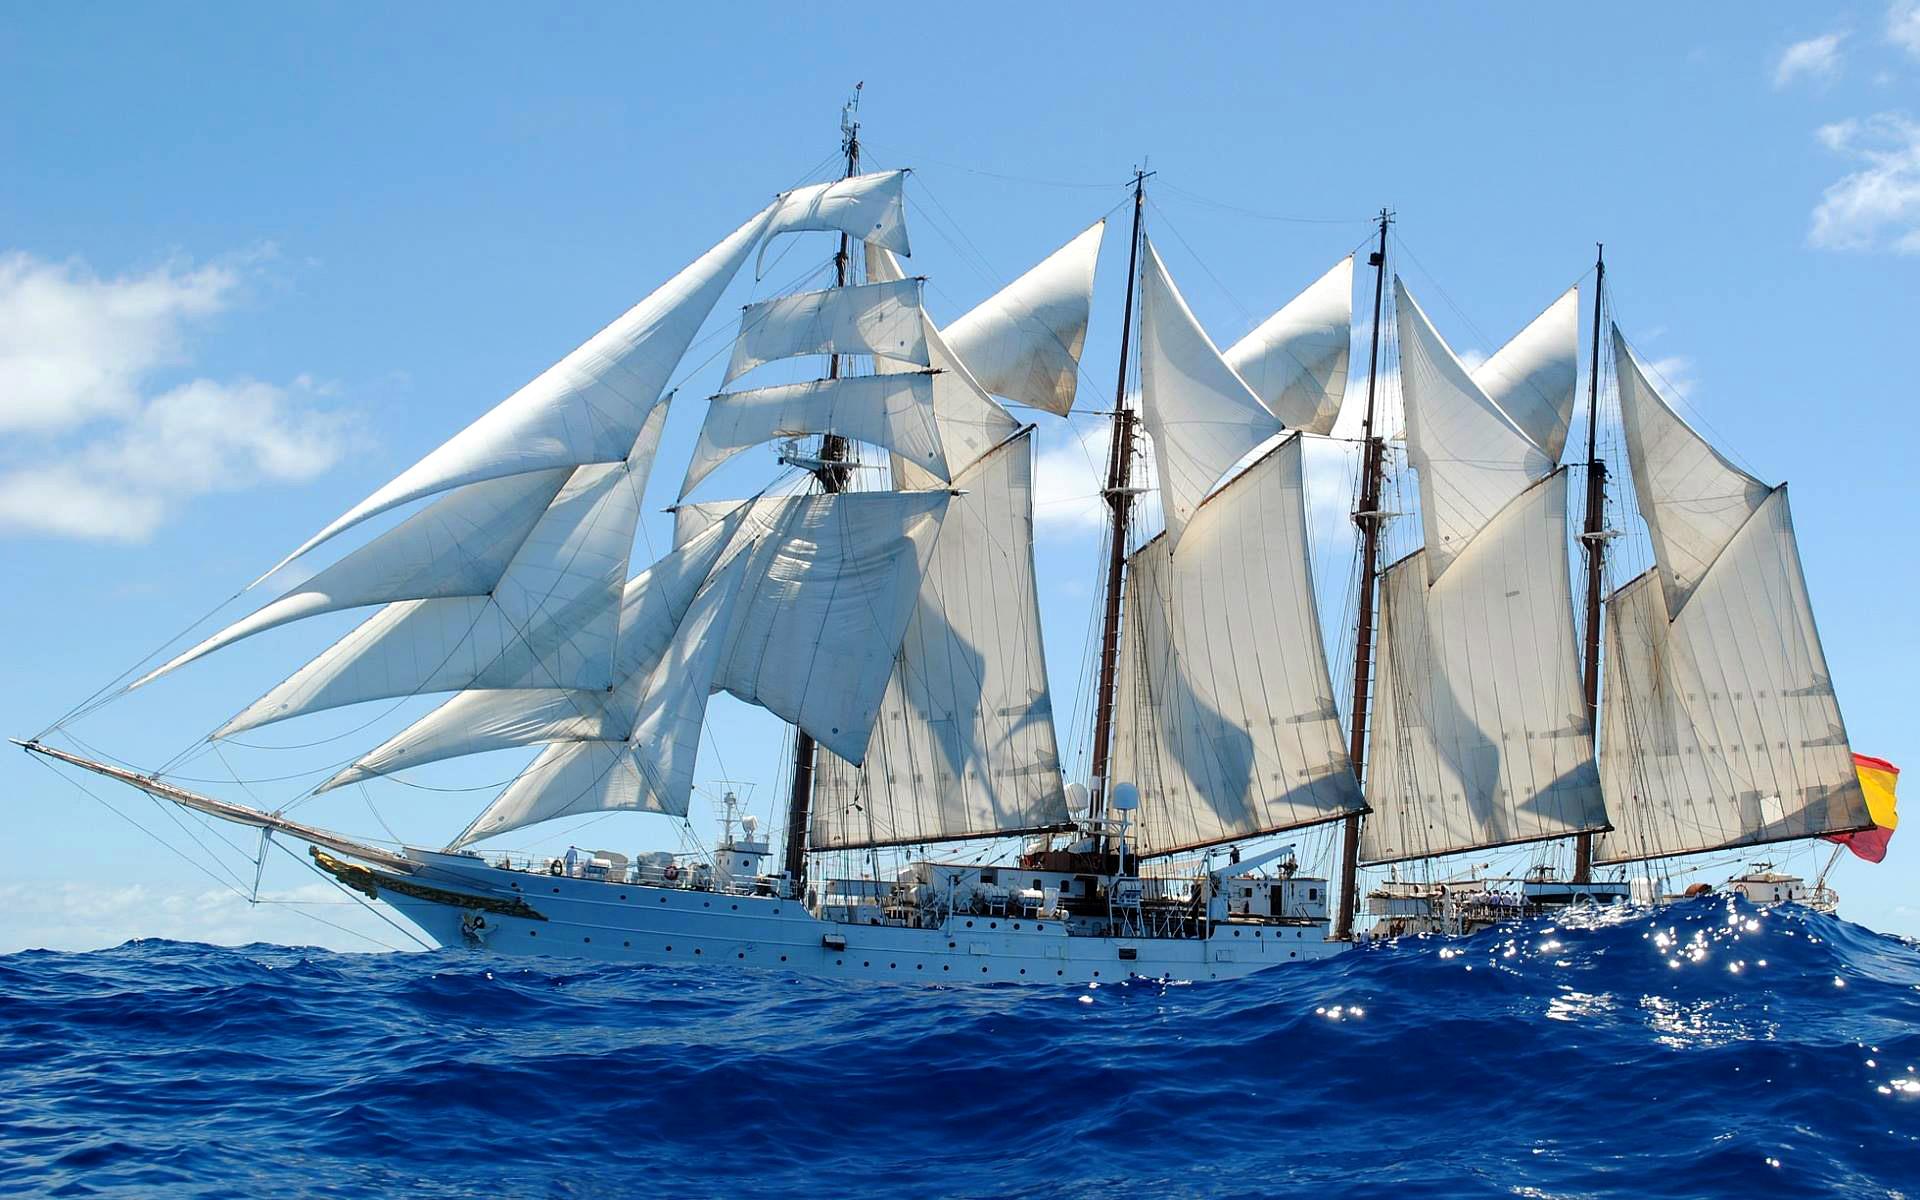 Szkuner urejony hiszpańskiej Marynarki Wojennej Juan Sebastian Elcano pod żaglami